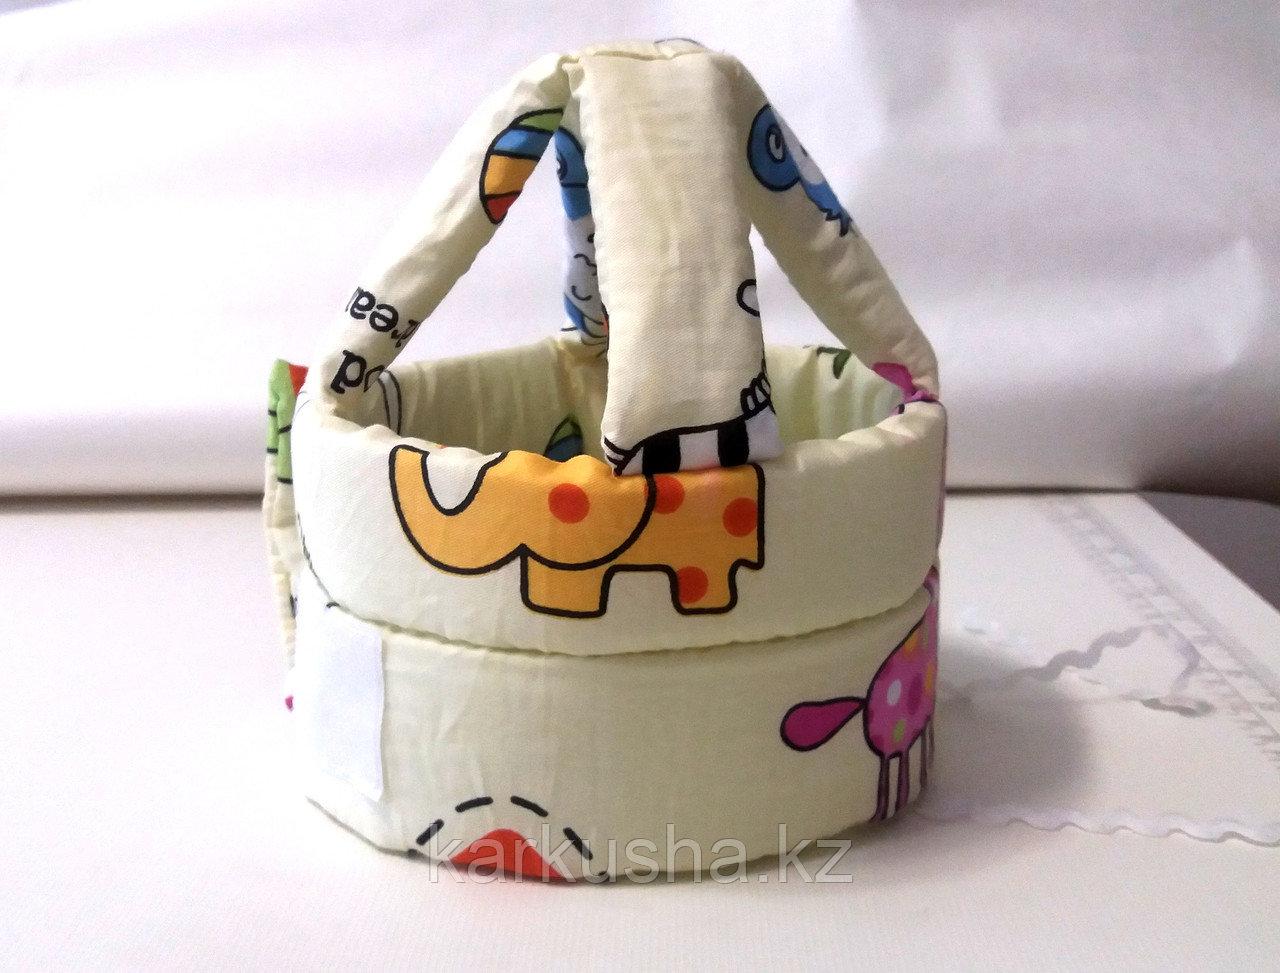 Шлем детский противоударный, для детей до 1 года